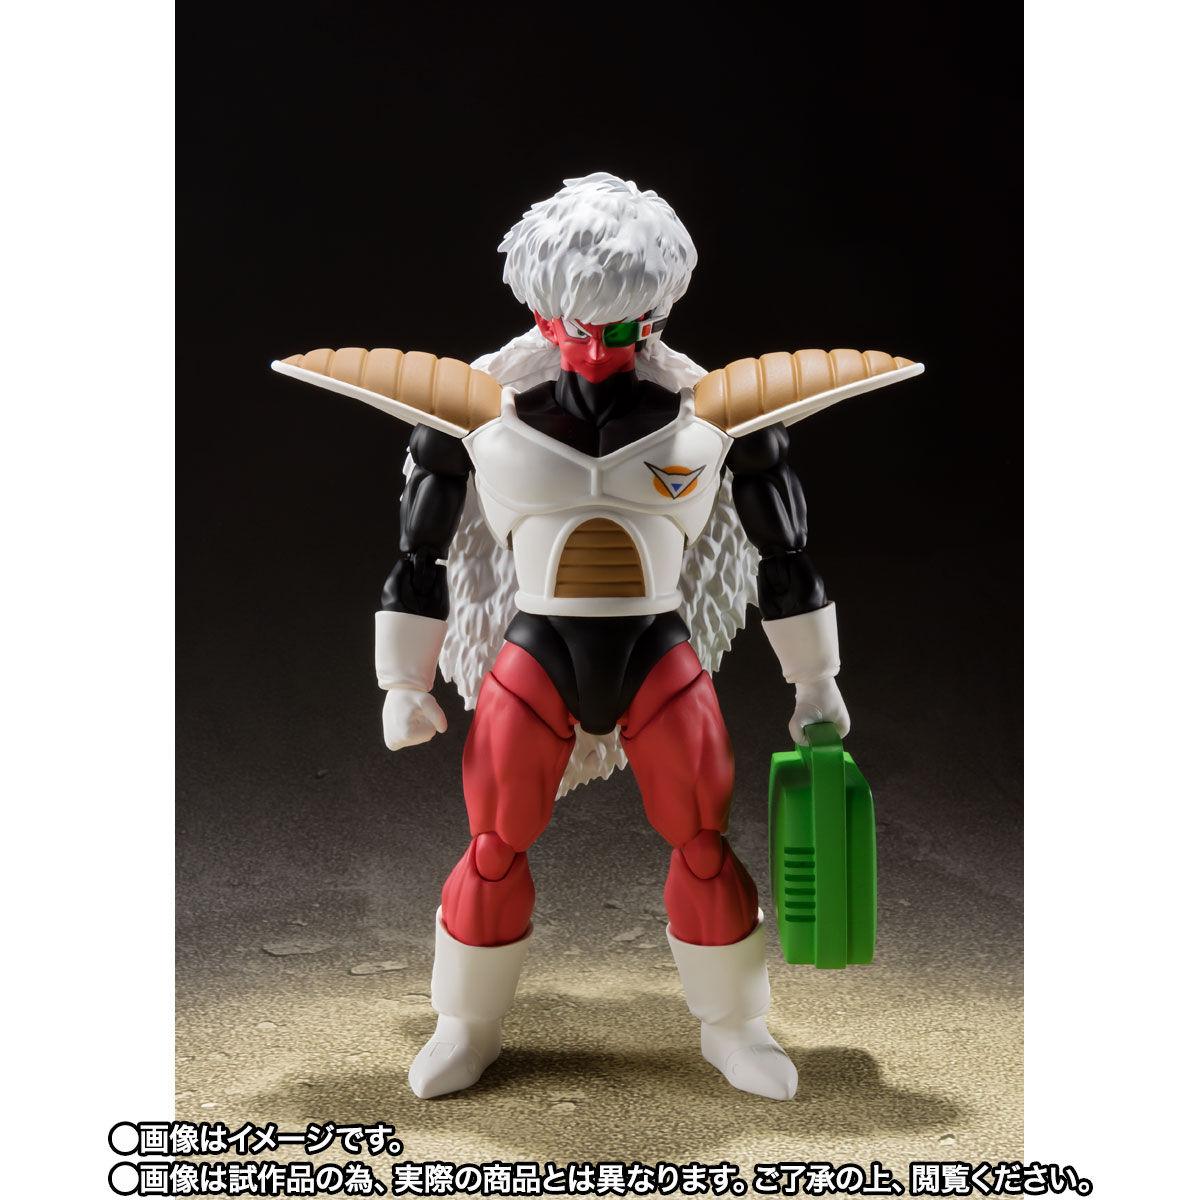 【限定販売】S.H.Figuarts『ジース』ドラゴンボールZ 可動フィギュア-004